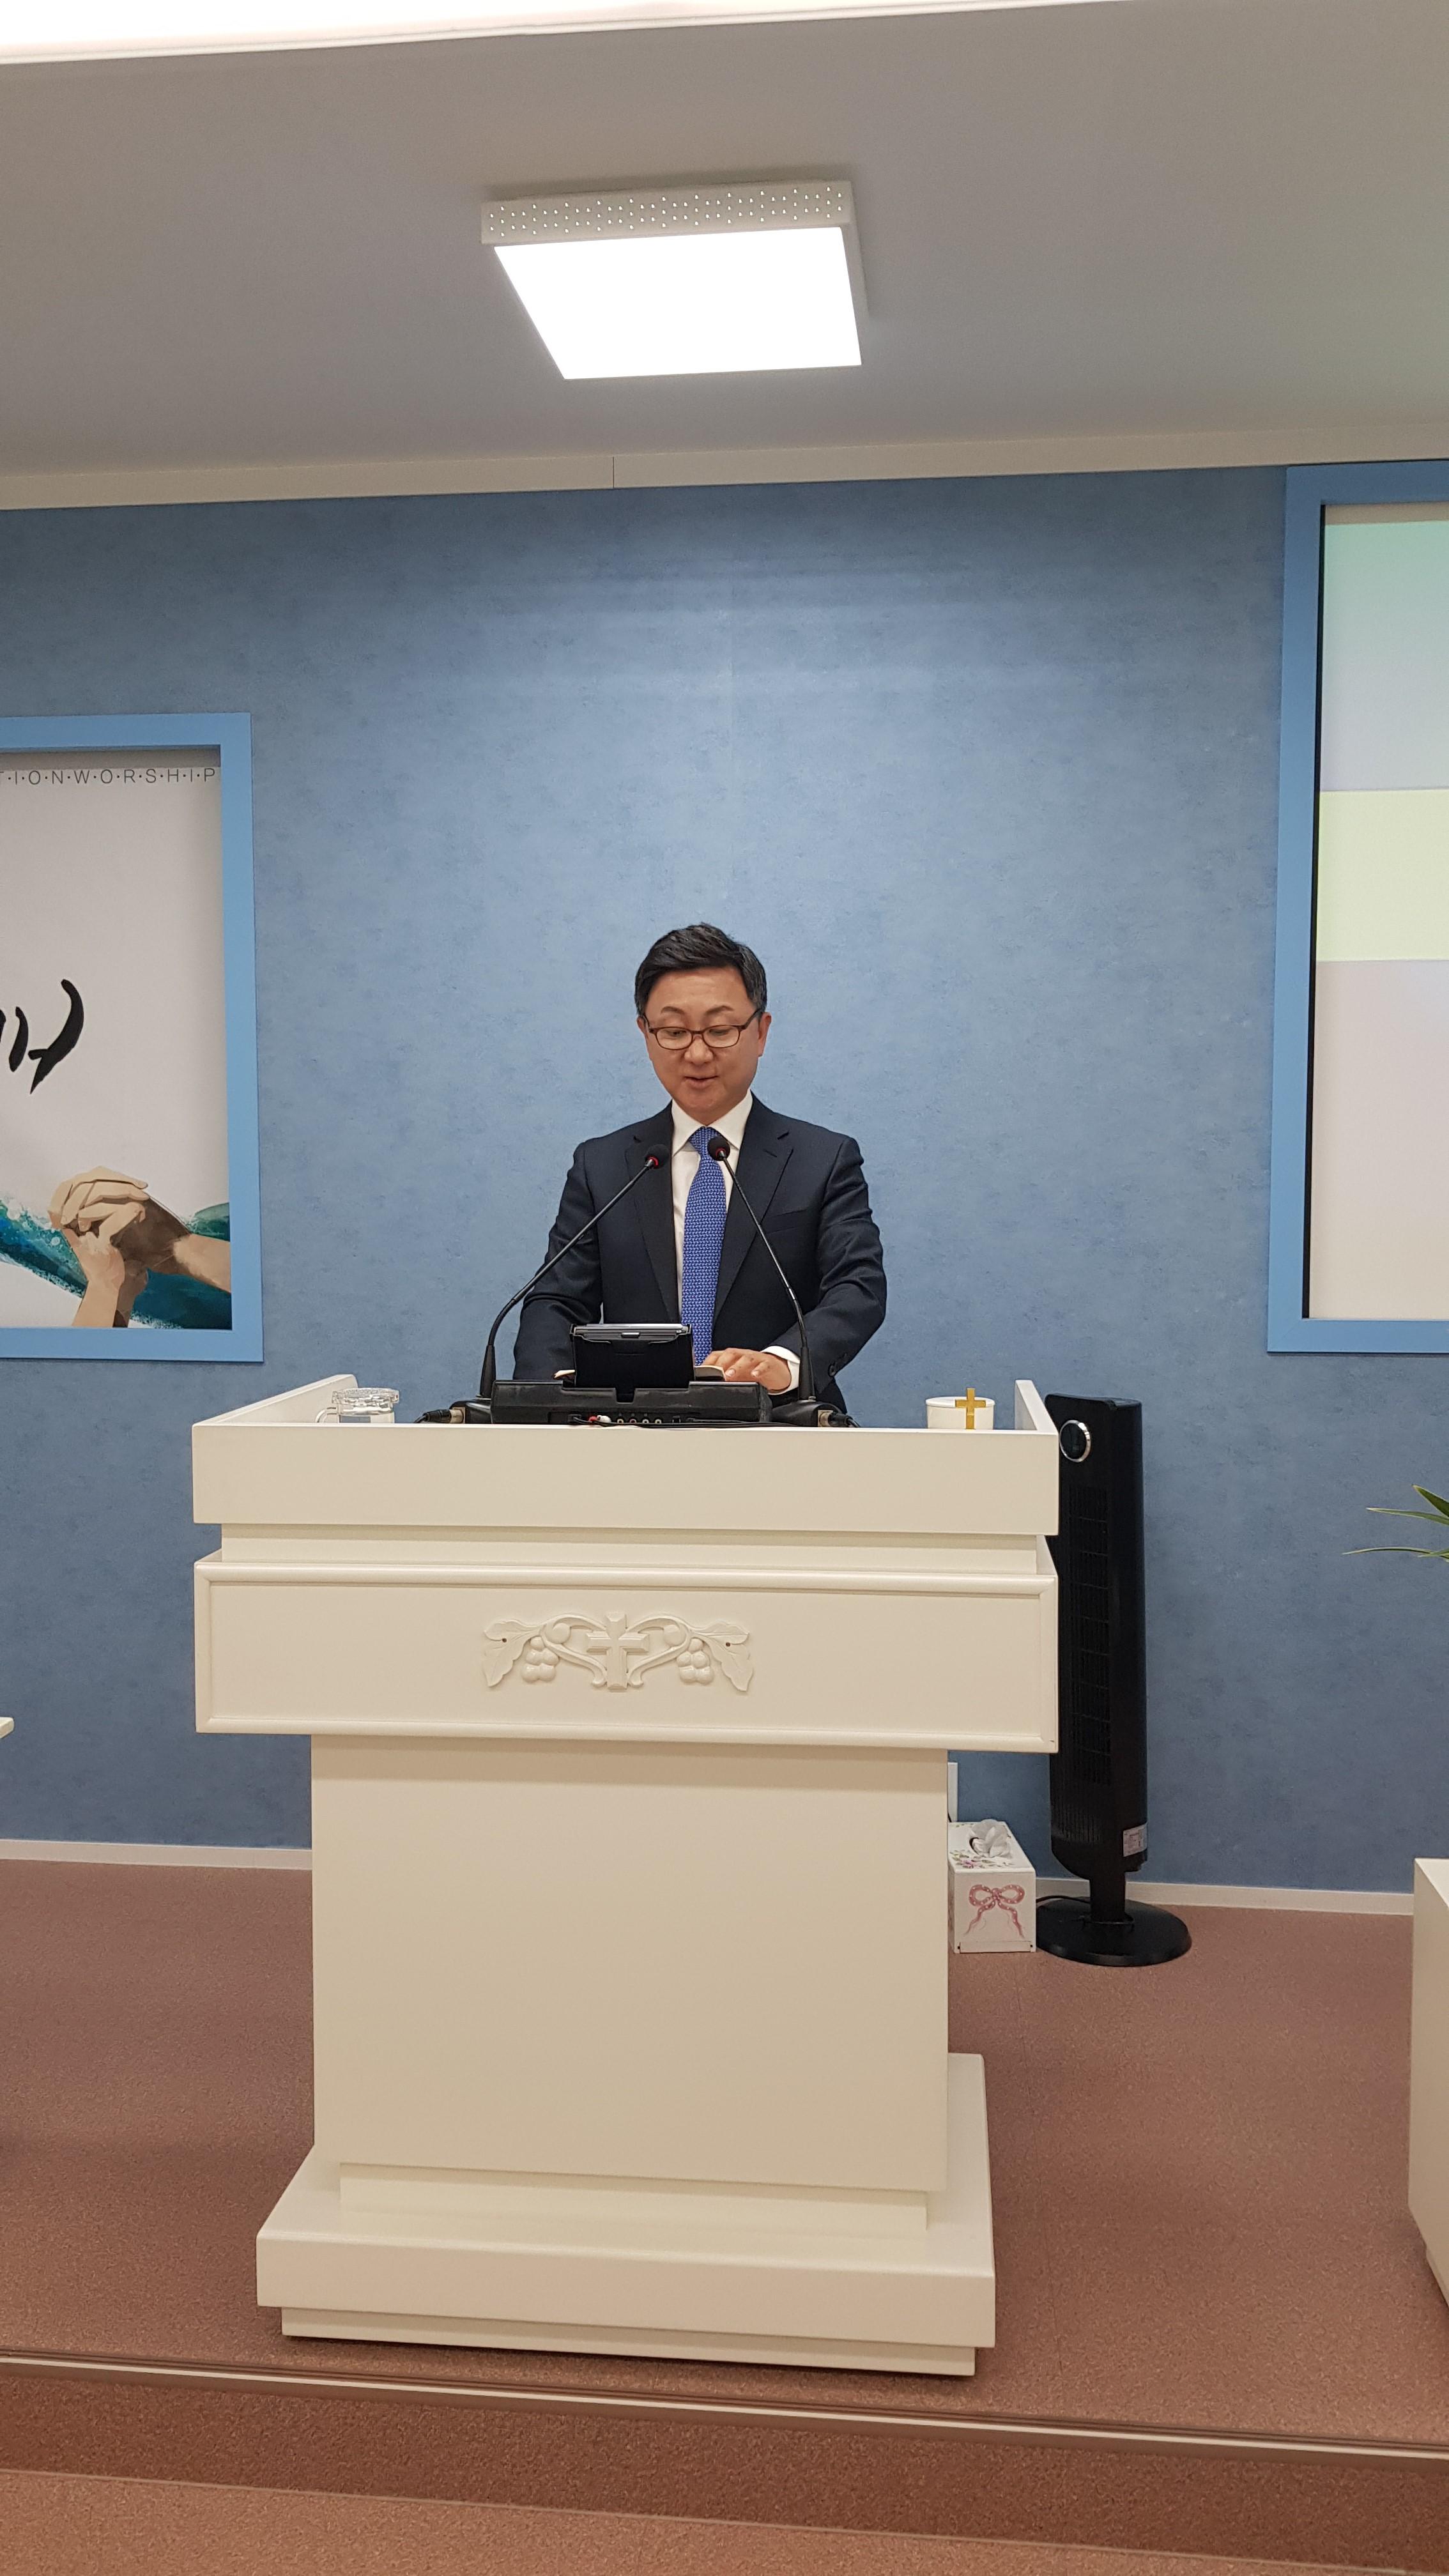 20201011_2남전도회헌신예배 (4).jpg